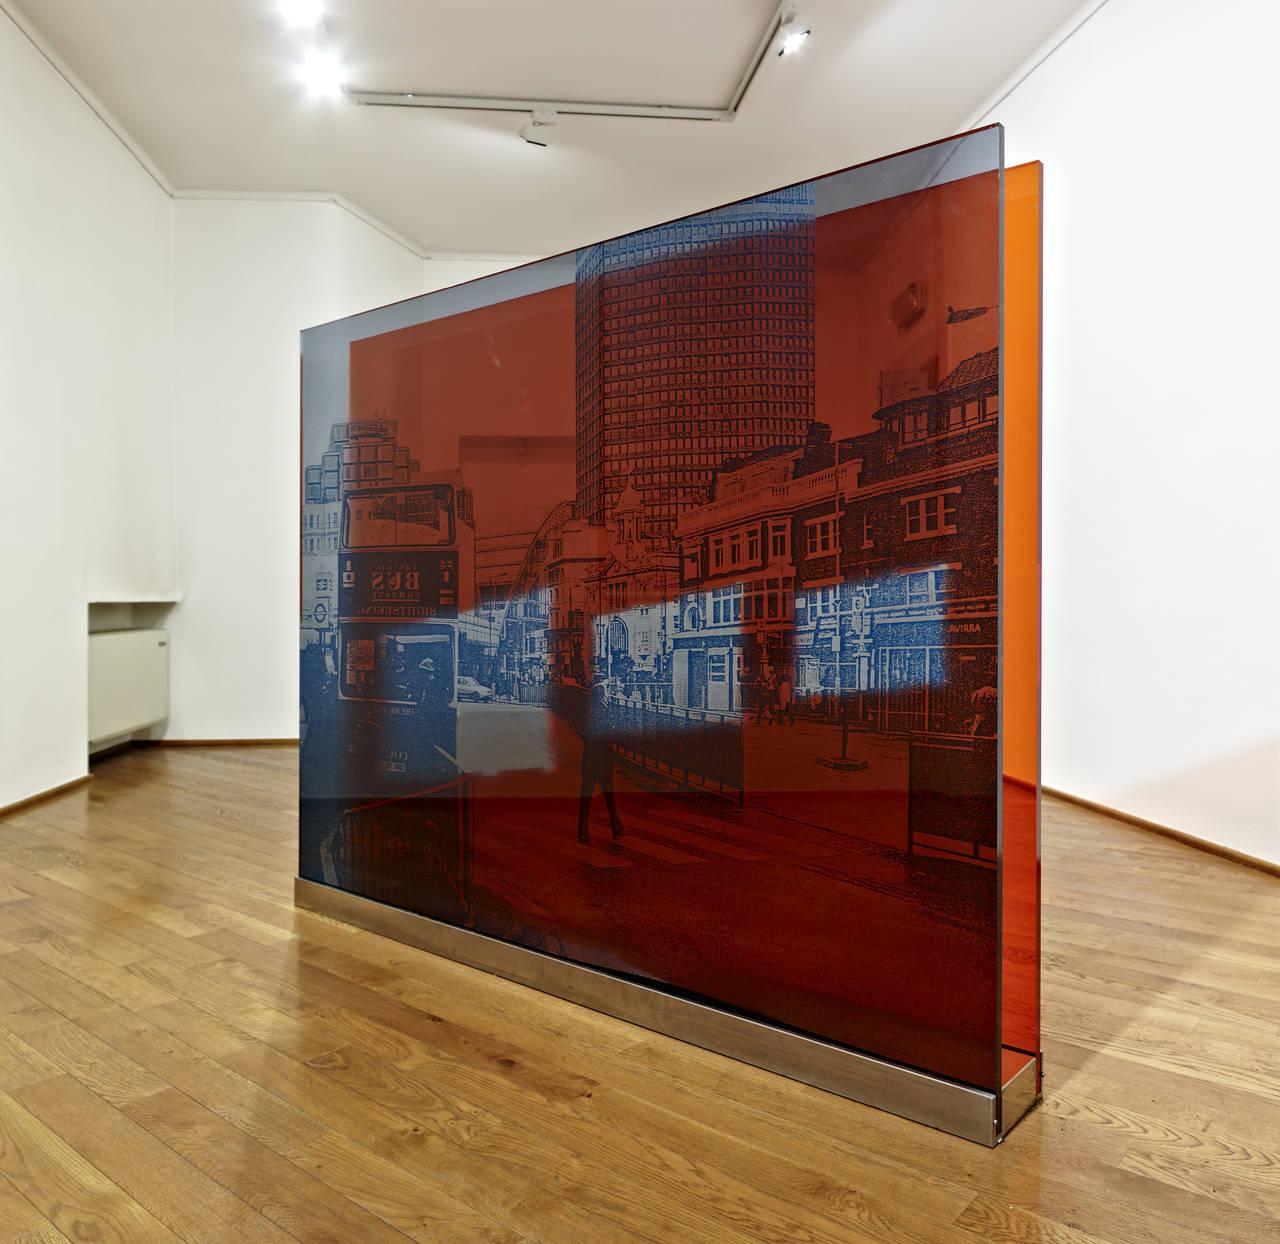 Francesco Candeloro, Attraverso i segni, Londra 2010 stampa UV e taglio laser su plexiglass, cm 146x180x20